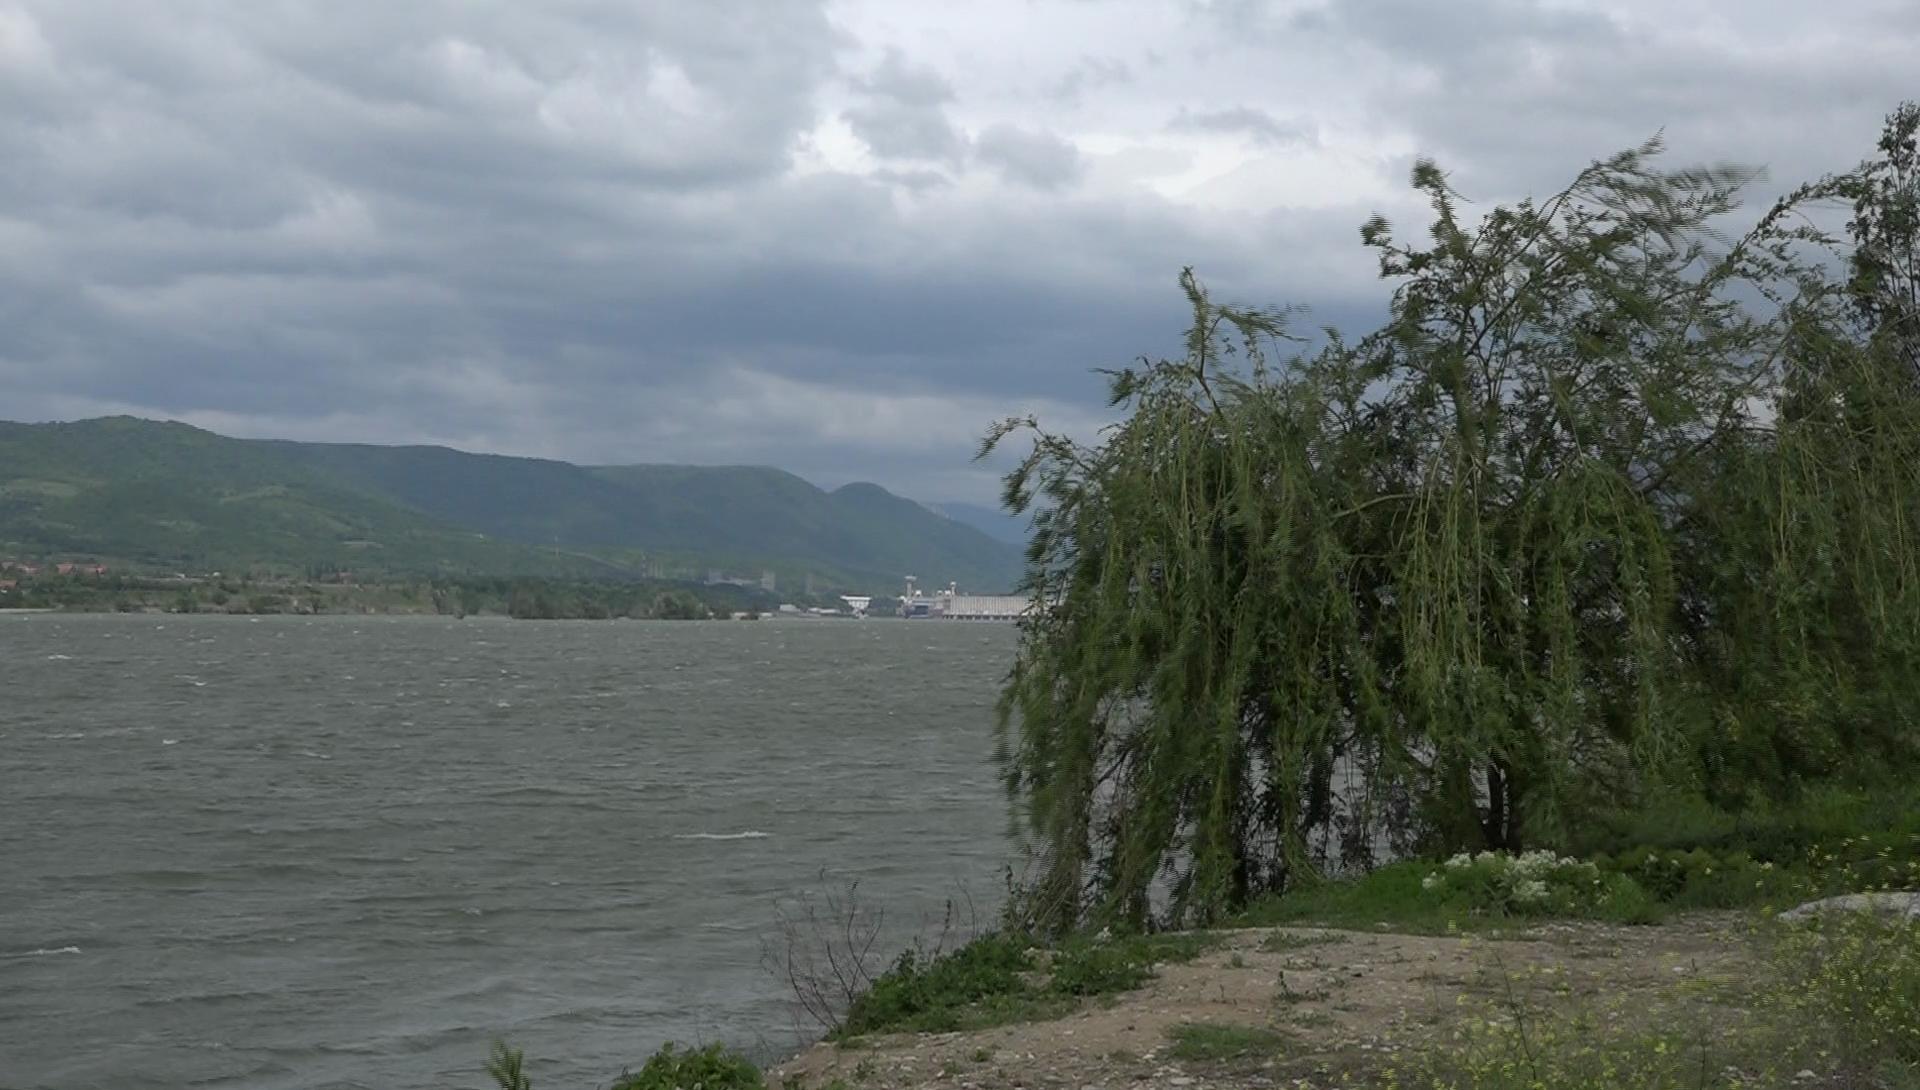 Vremea. ANM a emis un nou Cod Galben de vânt puternic valabil în Capitală, dar și în alte 19 județe din România, printre care şi  judeţul Mehedinţi. Avertizarea este valabilă trei ore.